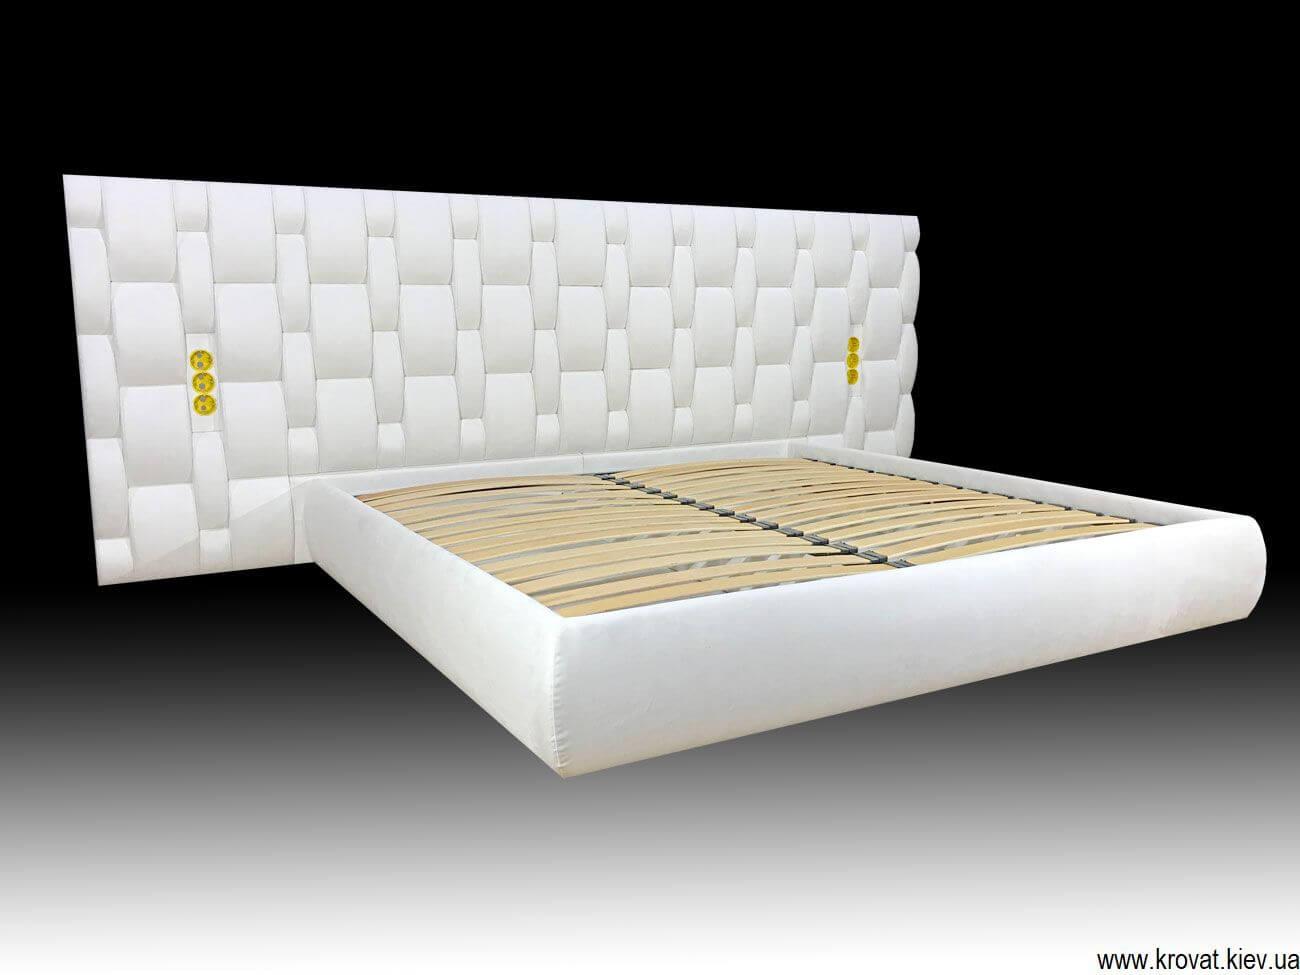 кровать с широким изголовьем на заказ в виде переплетений